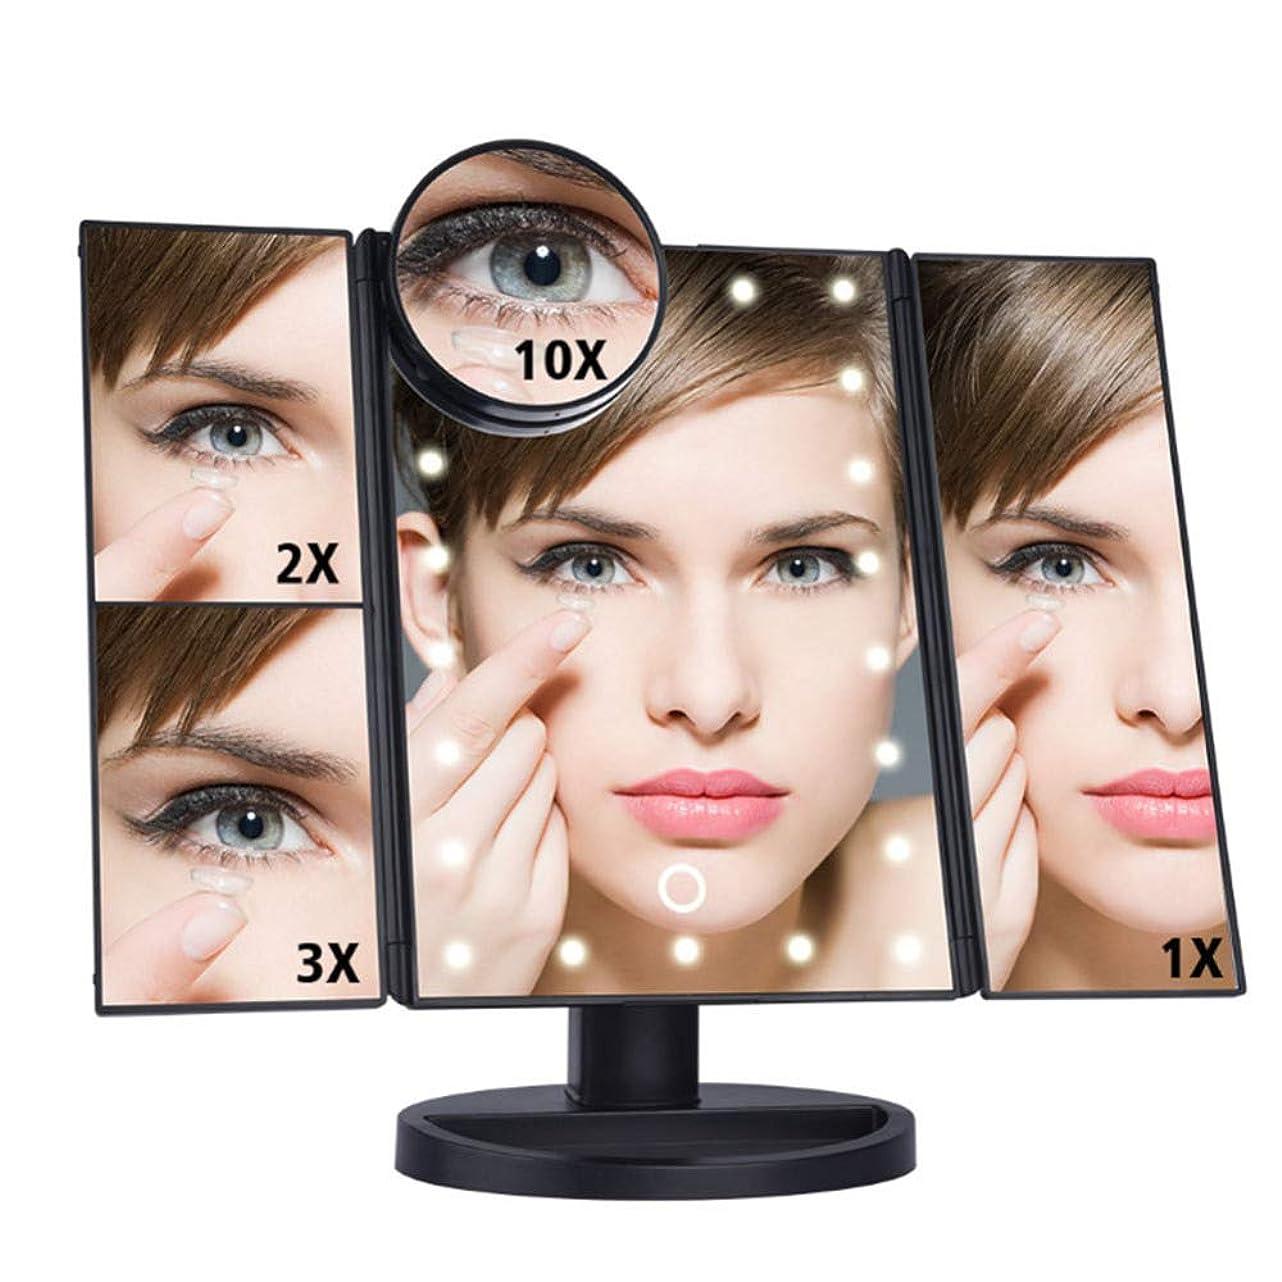 スリル公式忘れるLED照明付きメイクアップミラー-テーブルトップバニティメイクアップミラー-1X / 2X / 3X / 10X拡大鏡三つ折り化粧鏡180°回転,Black-19*8*29cm